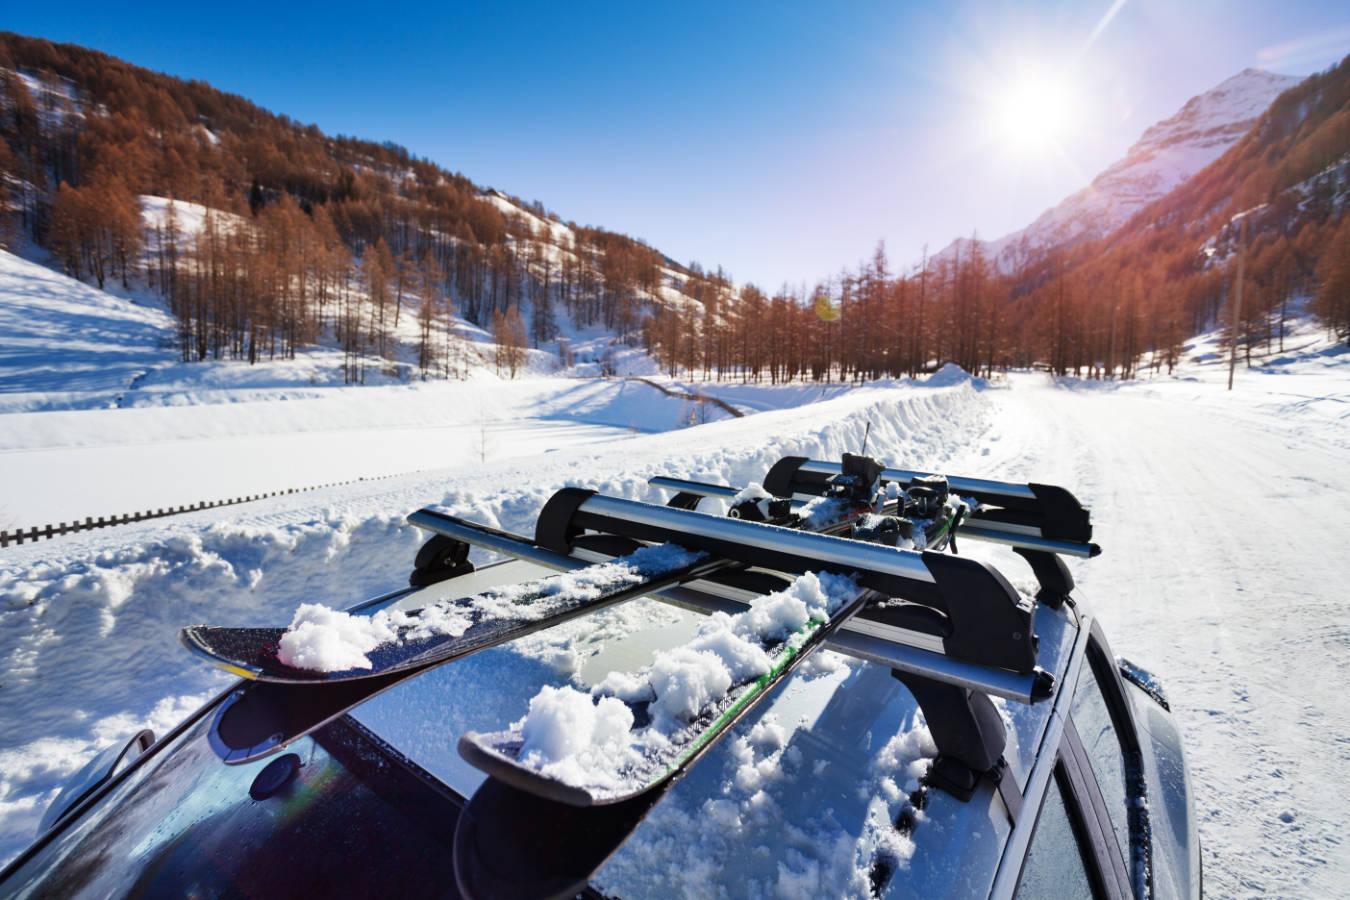 Jaki bagażnik na narty będzie dobrym wyborem? Co warto wiedzieć o przewożeniu nart samochodem?